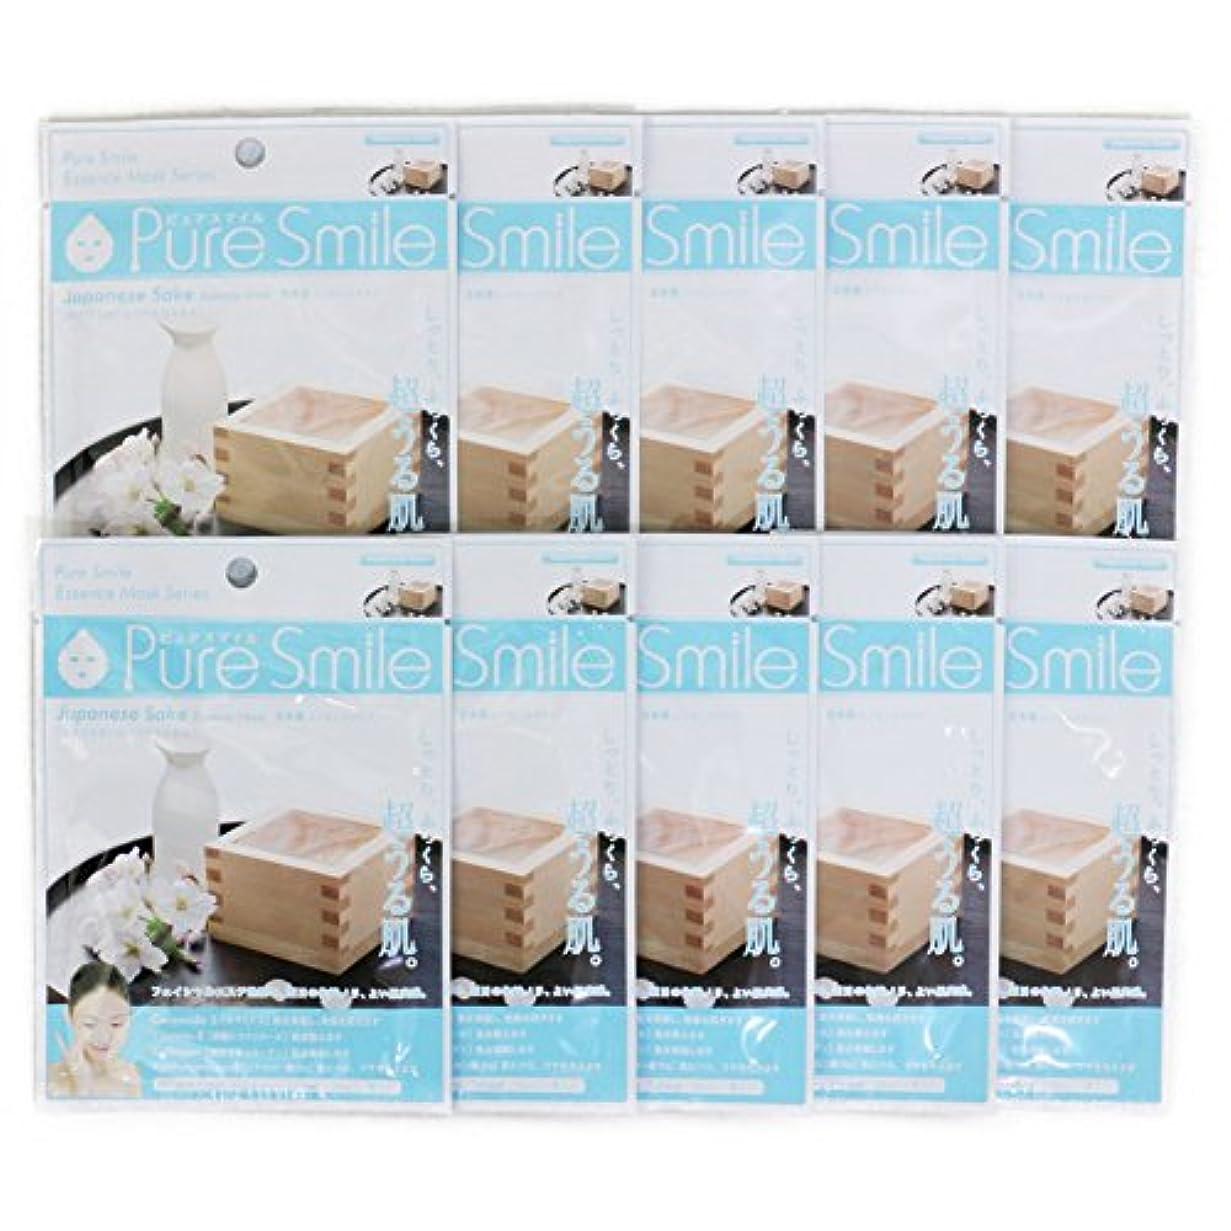 税金鮫の頭の上Pure Smile ピュアスマイル エッセンスマスク 日本酒 10枚セット